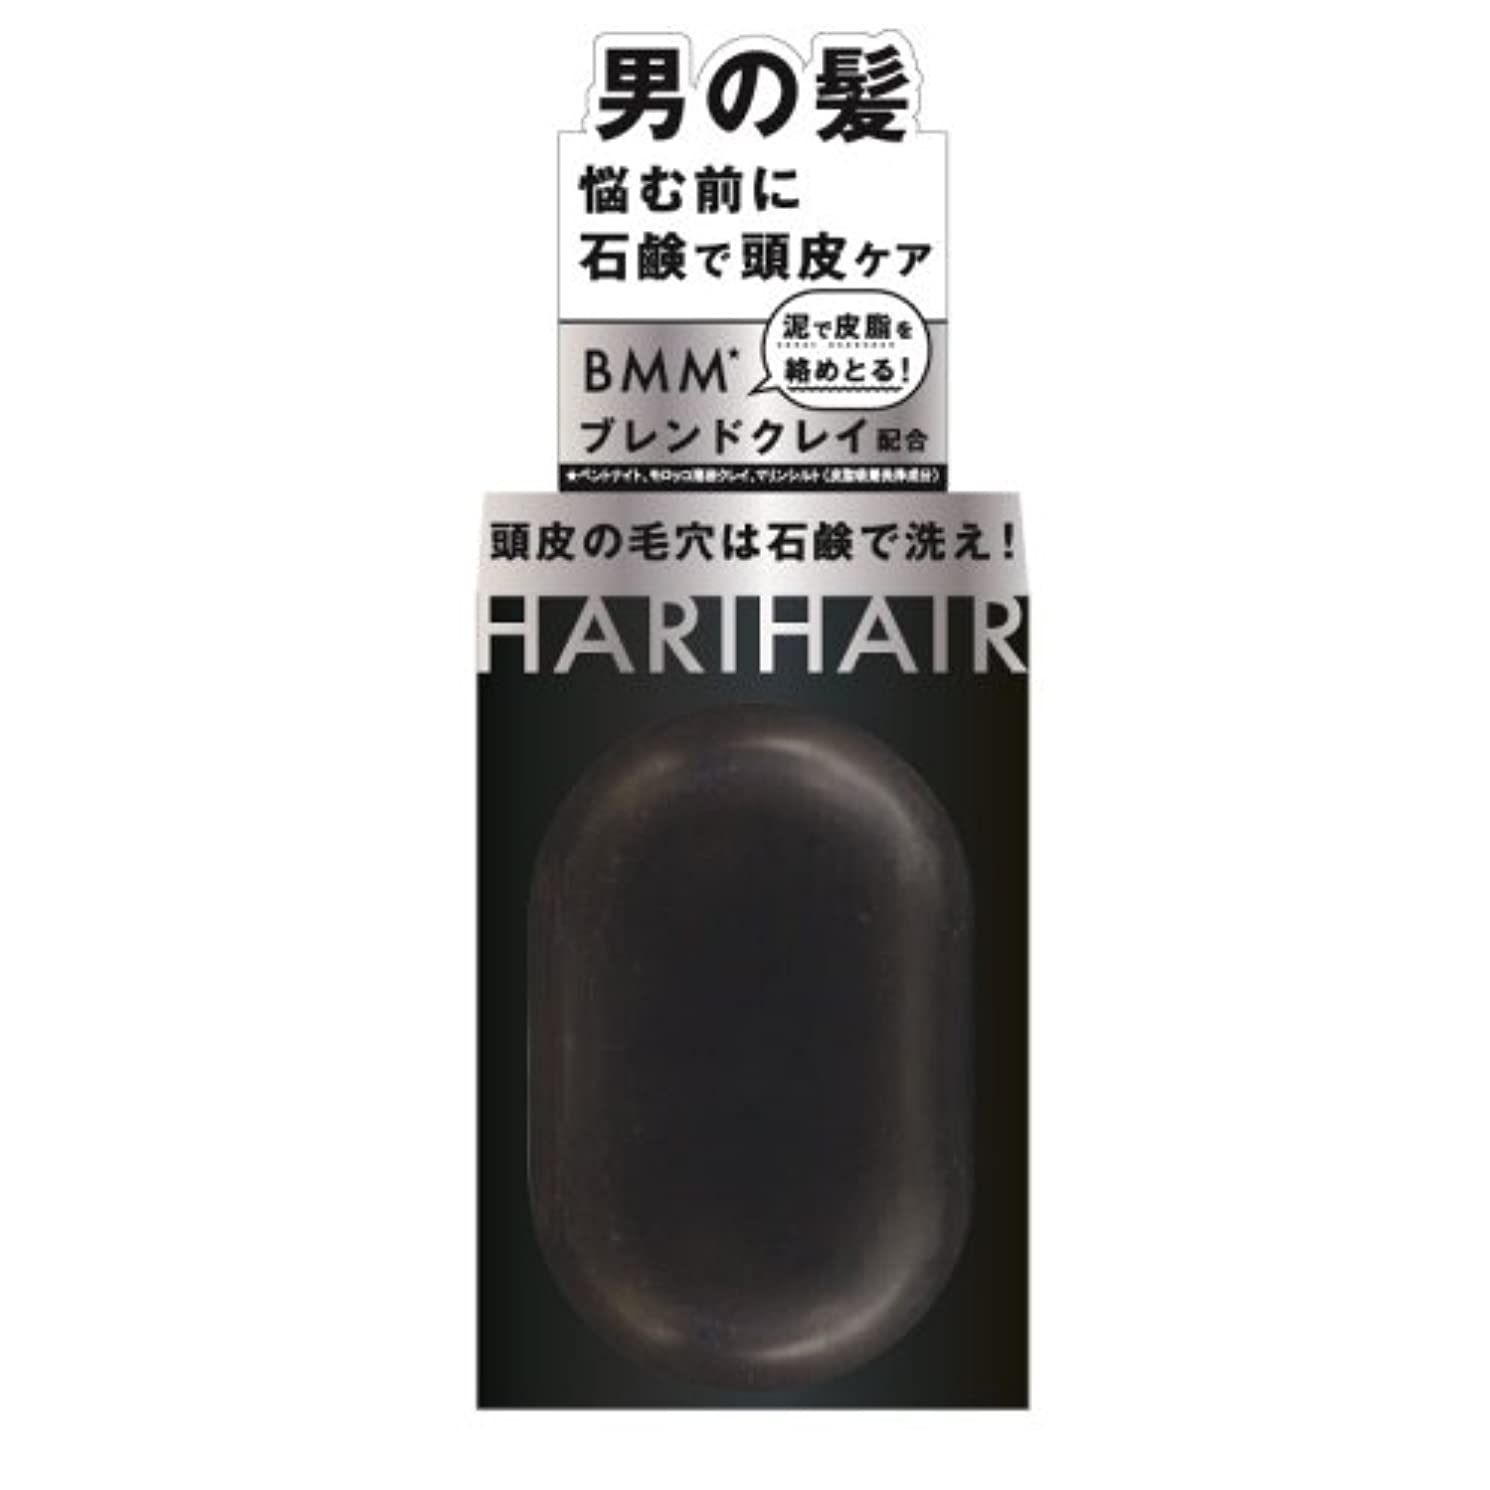 困惑悔い改めるペストリーペリカン石鹸 ハリヘア 固形シャンプー 100g